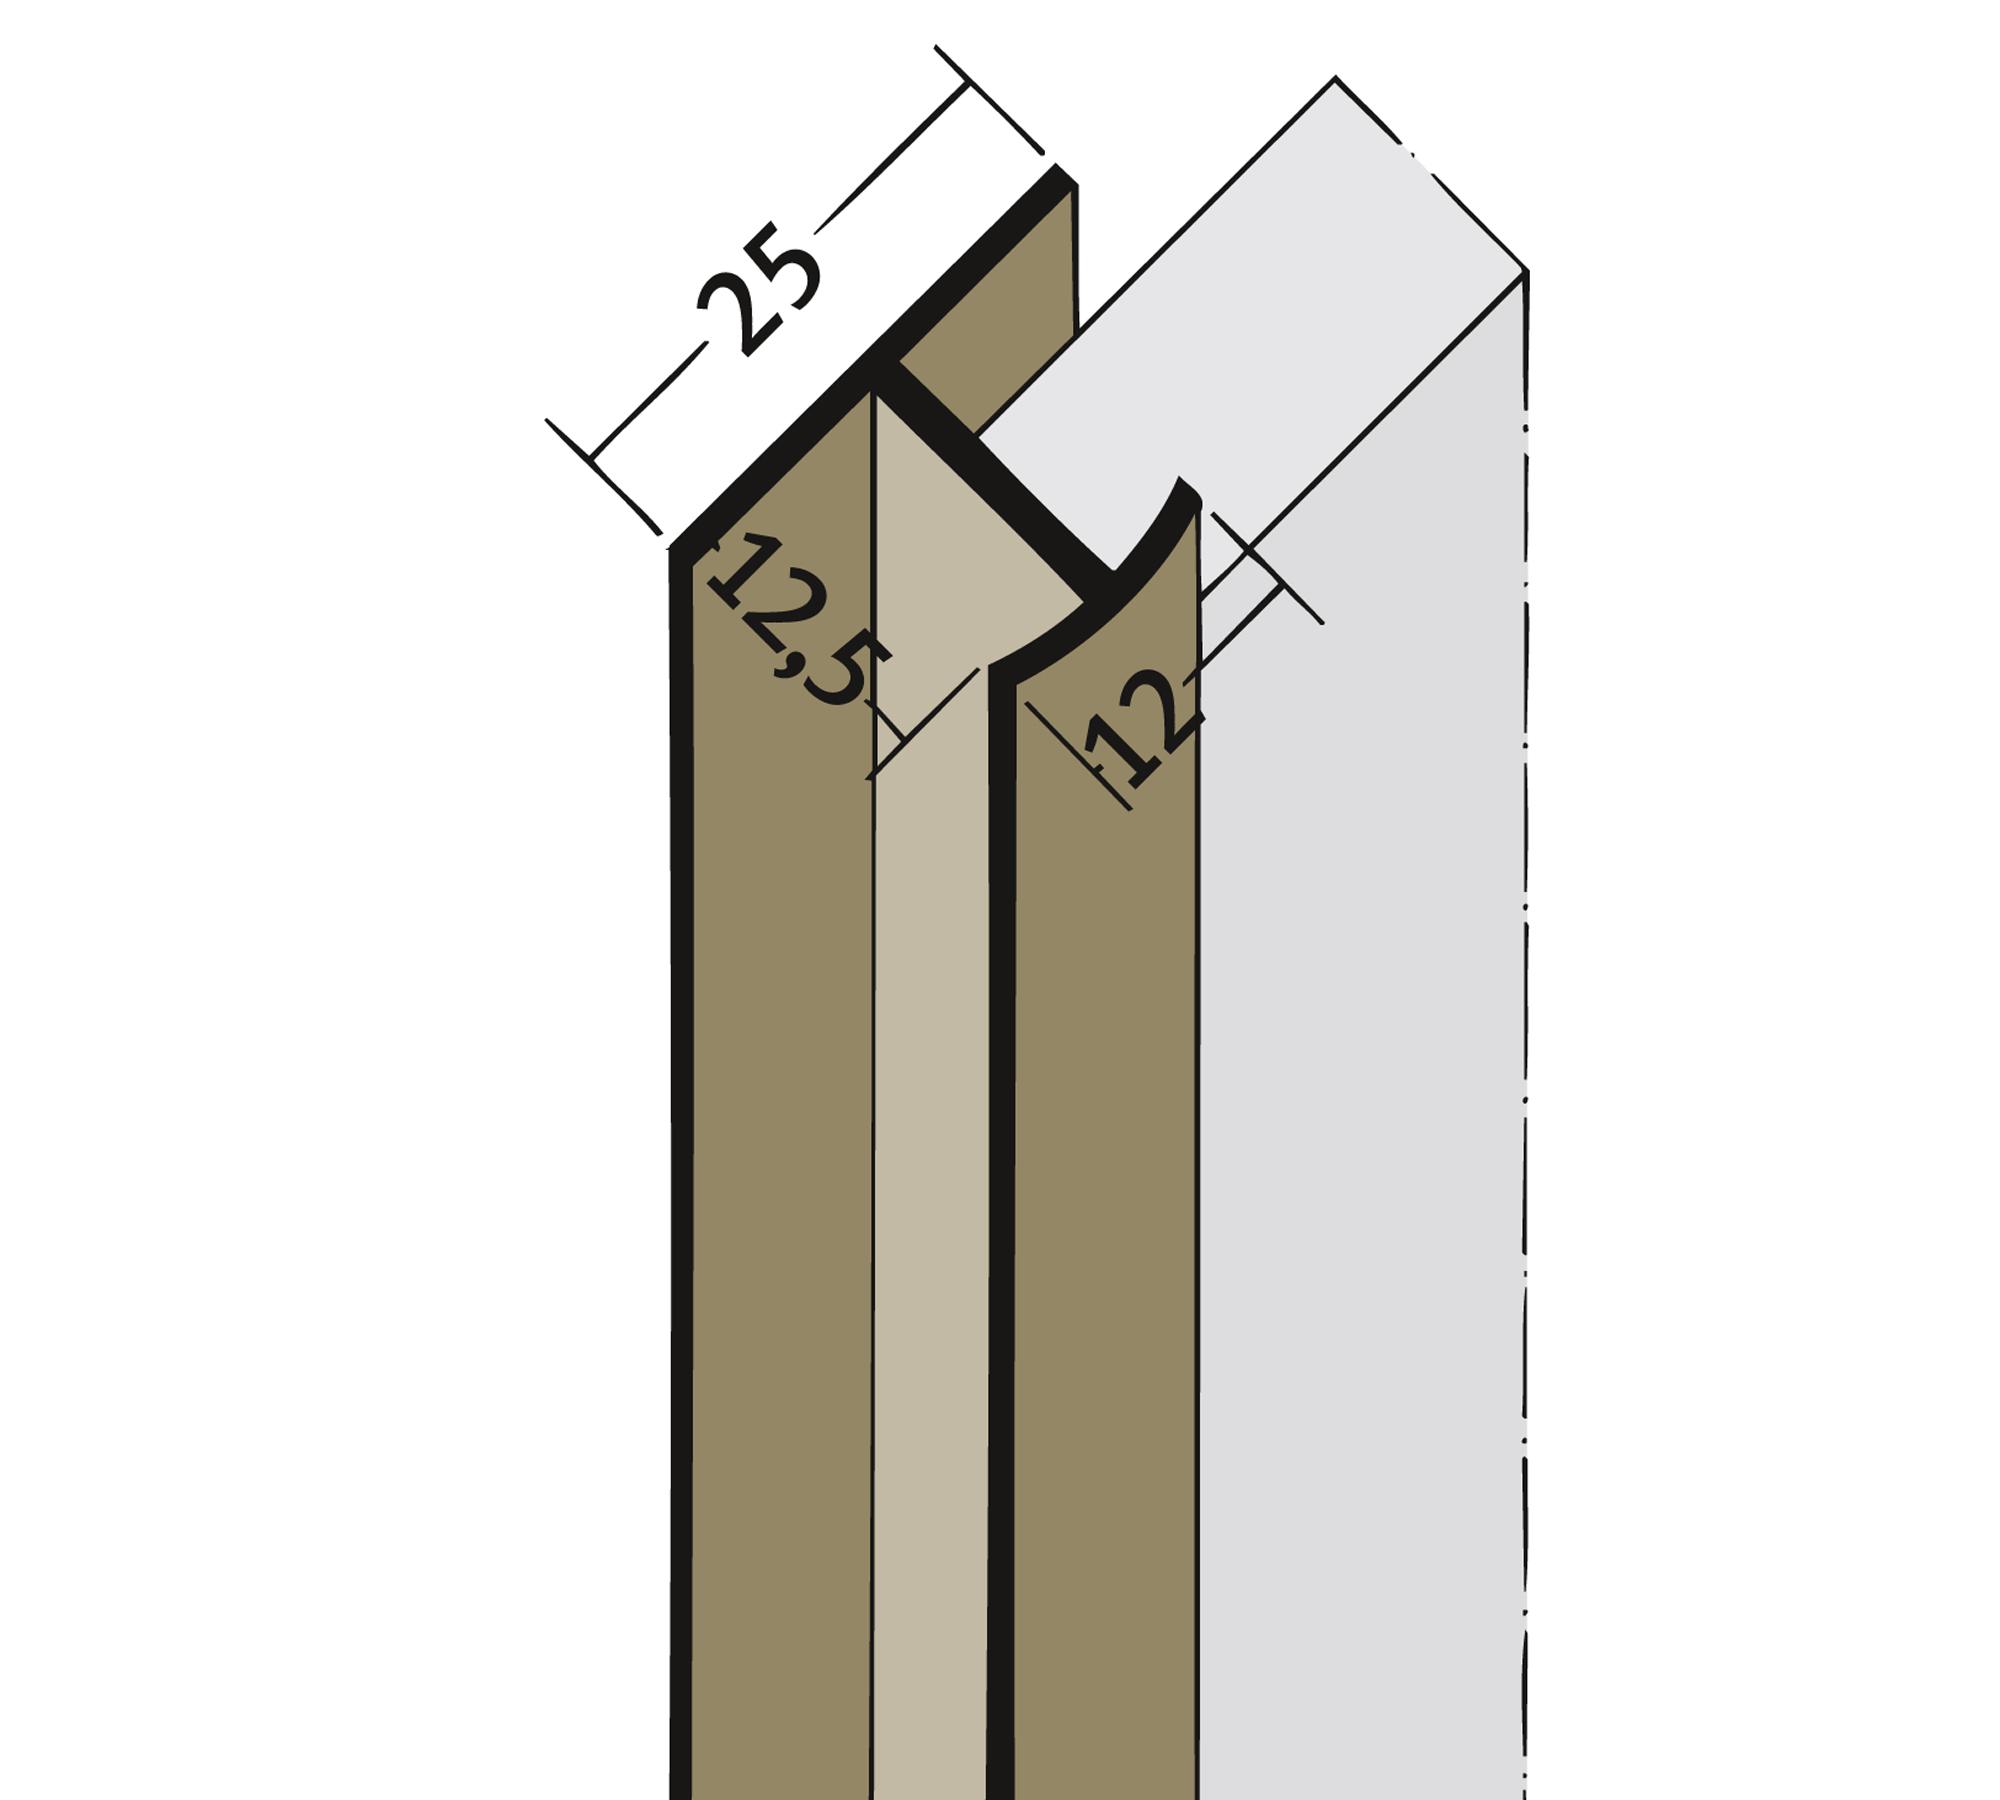 protektor doppel t profil 3548 pvc wei 2500 mm baustoffe shop luki ihr online baustoffshop. Black Bedroom Furniture Sets. Home Design Ideas